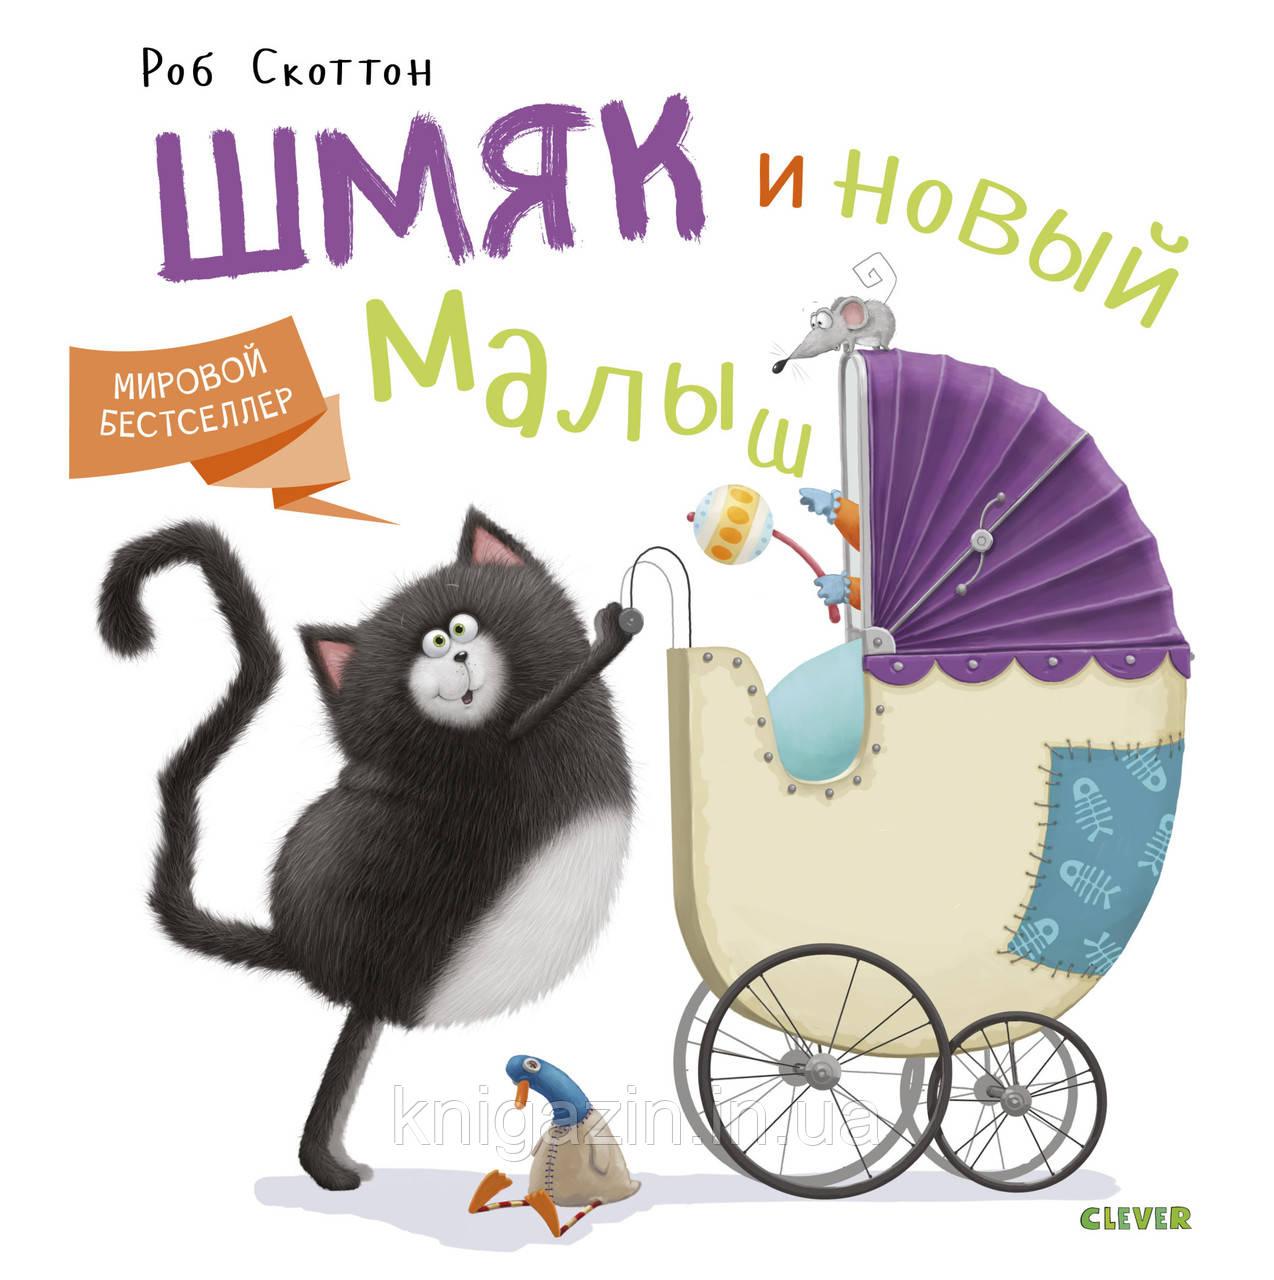 Детская книга Роб Скоттон:Шмяк и новый малыш Для детей от 3 лет